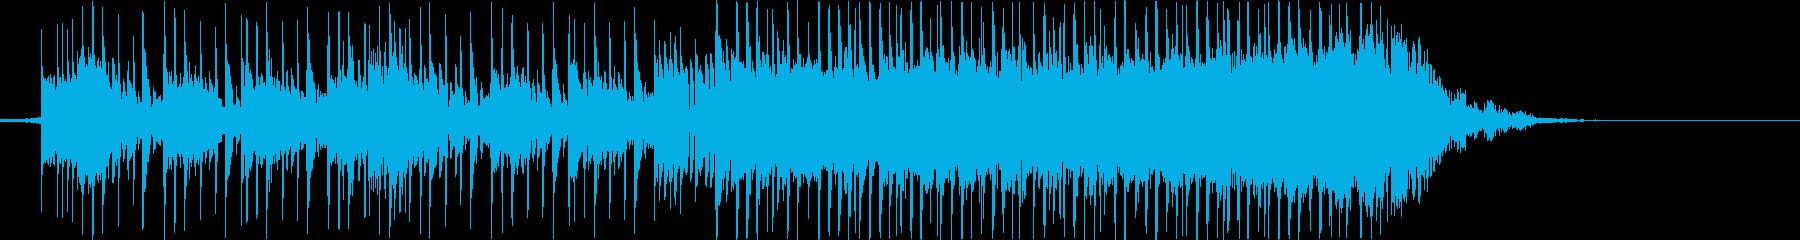 デジタル、緊迫、疾走感、追跡、Funkの再生済みの波形